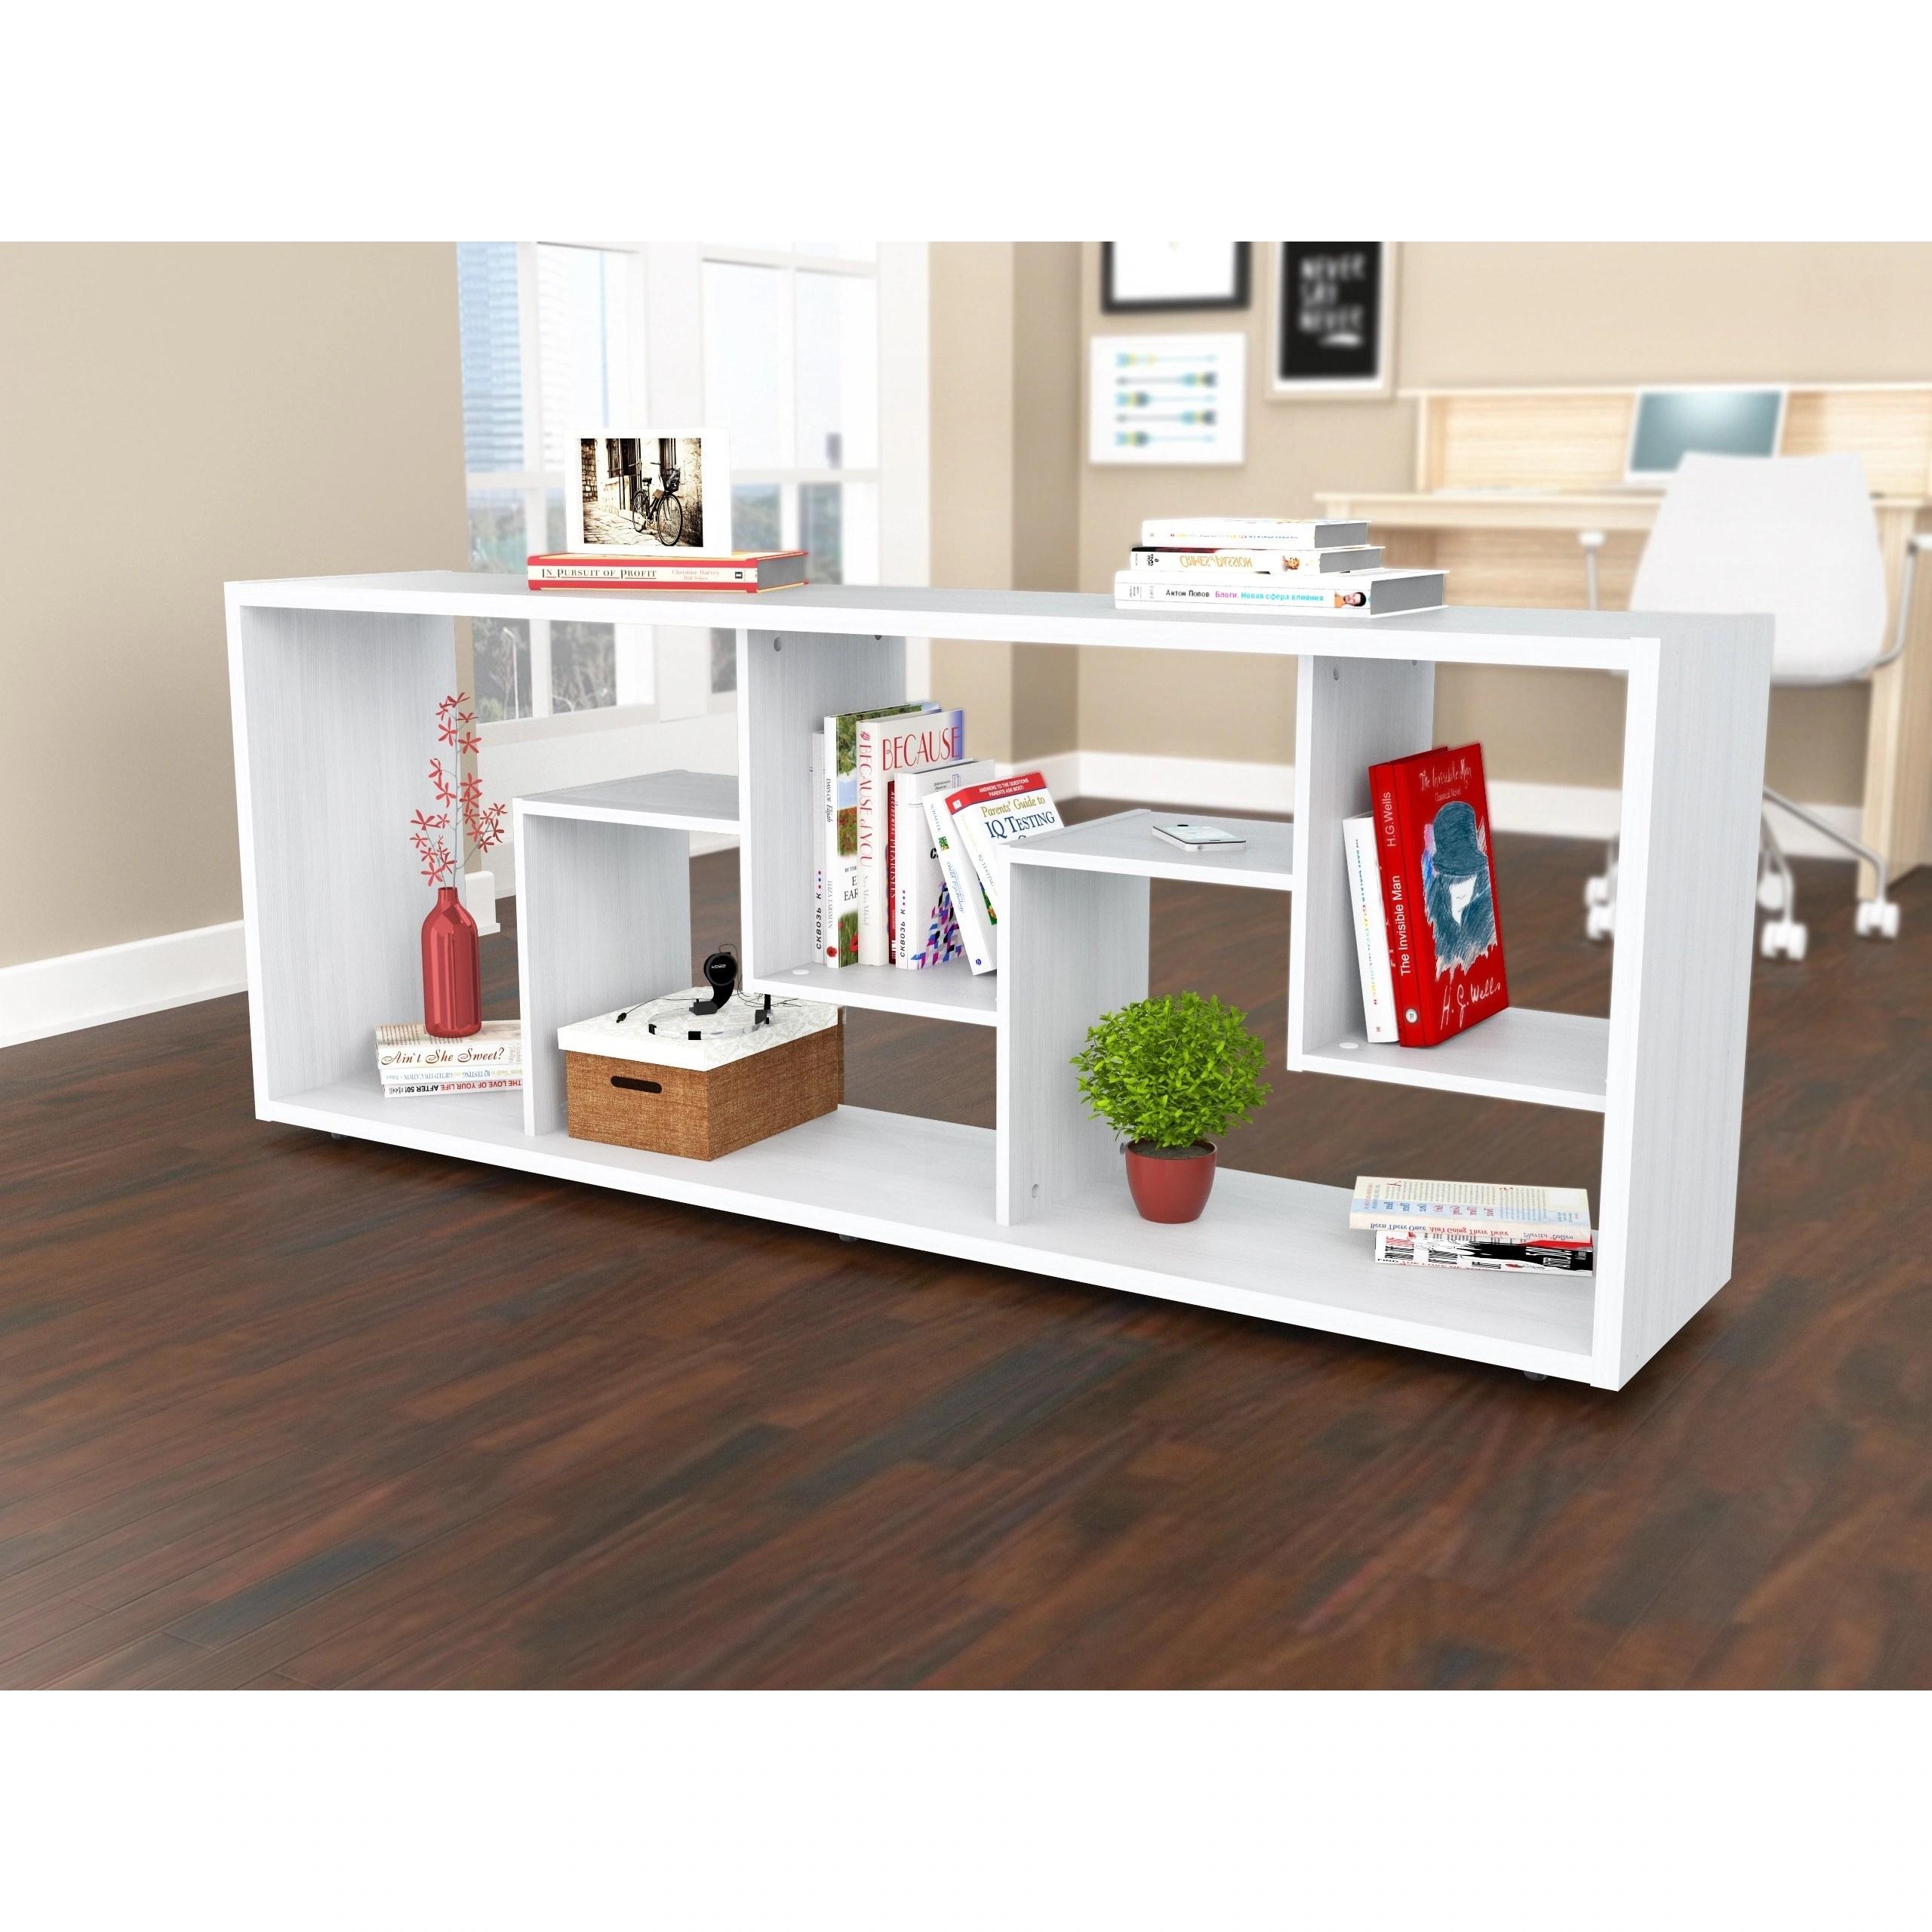 Inval Contemporary Room Divider Bookcase